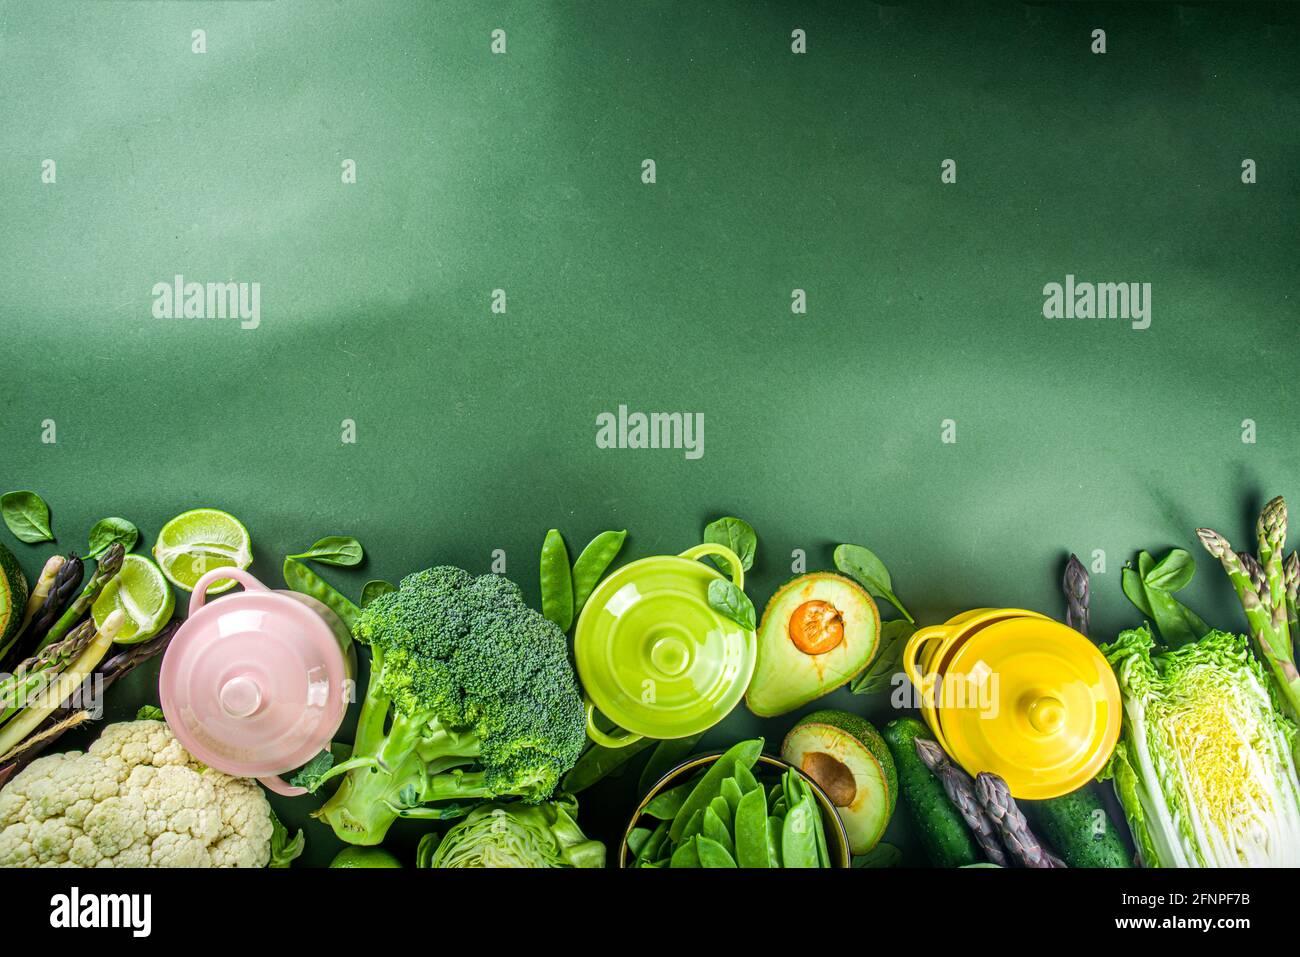 Verschiedene Bio-grüne Frühlingsgemüse-Zutaten mit leeren bunt portionierten Kochtöpfen auf dunkelgrünem Küchentisch, Draufsicht. Diät gesunde Suppe Stockfoto